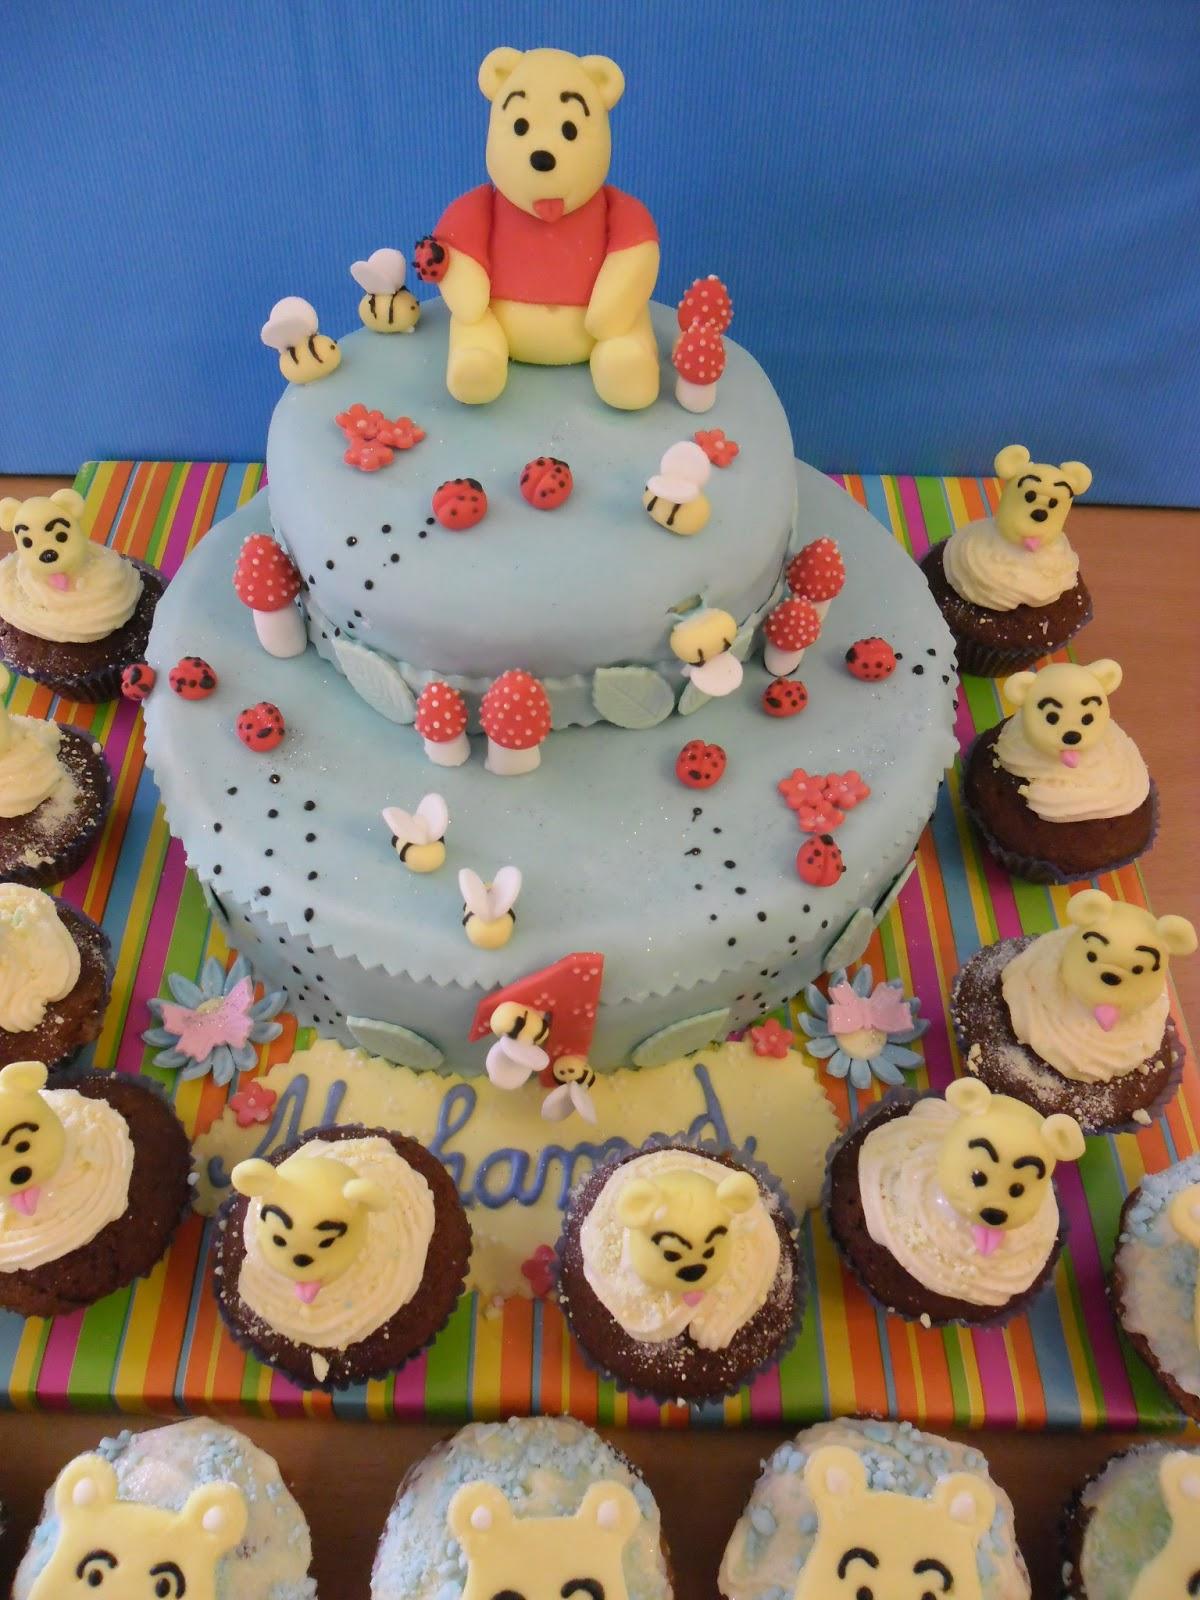 Gateaux D'aline: Gâteau D'anniversaire Winni L'ourson pour Gateau Anniversaire Winnie L Ourson